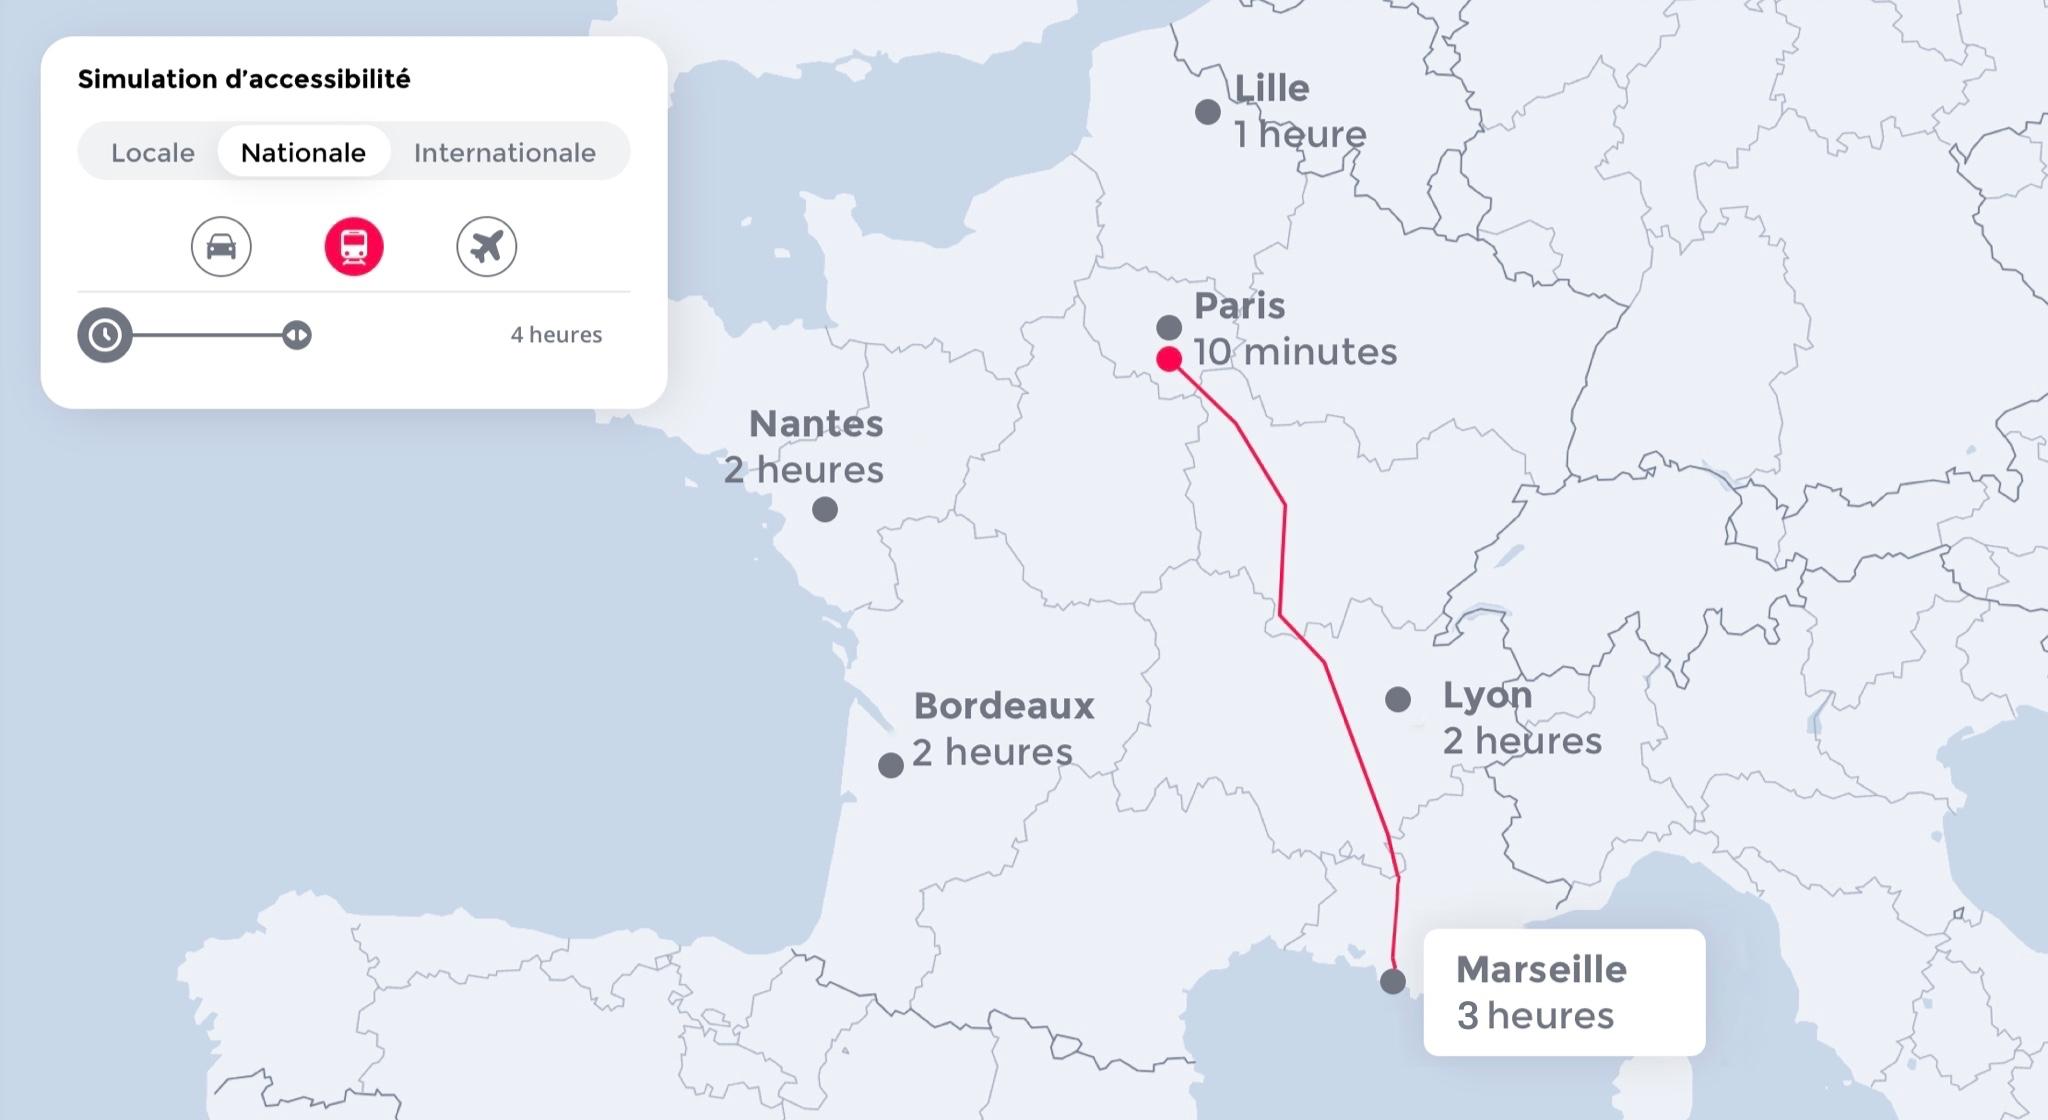 Déplacement Paris - Marseille